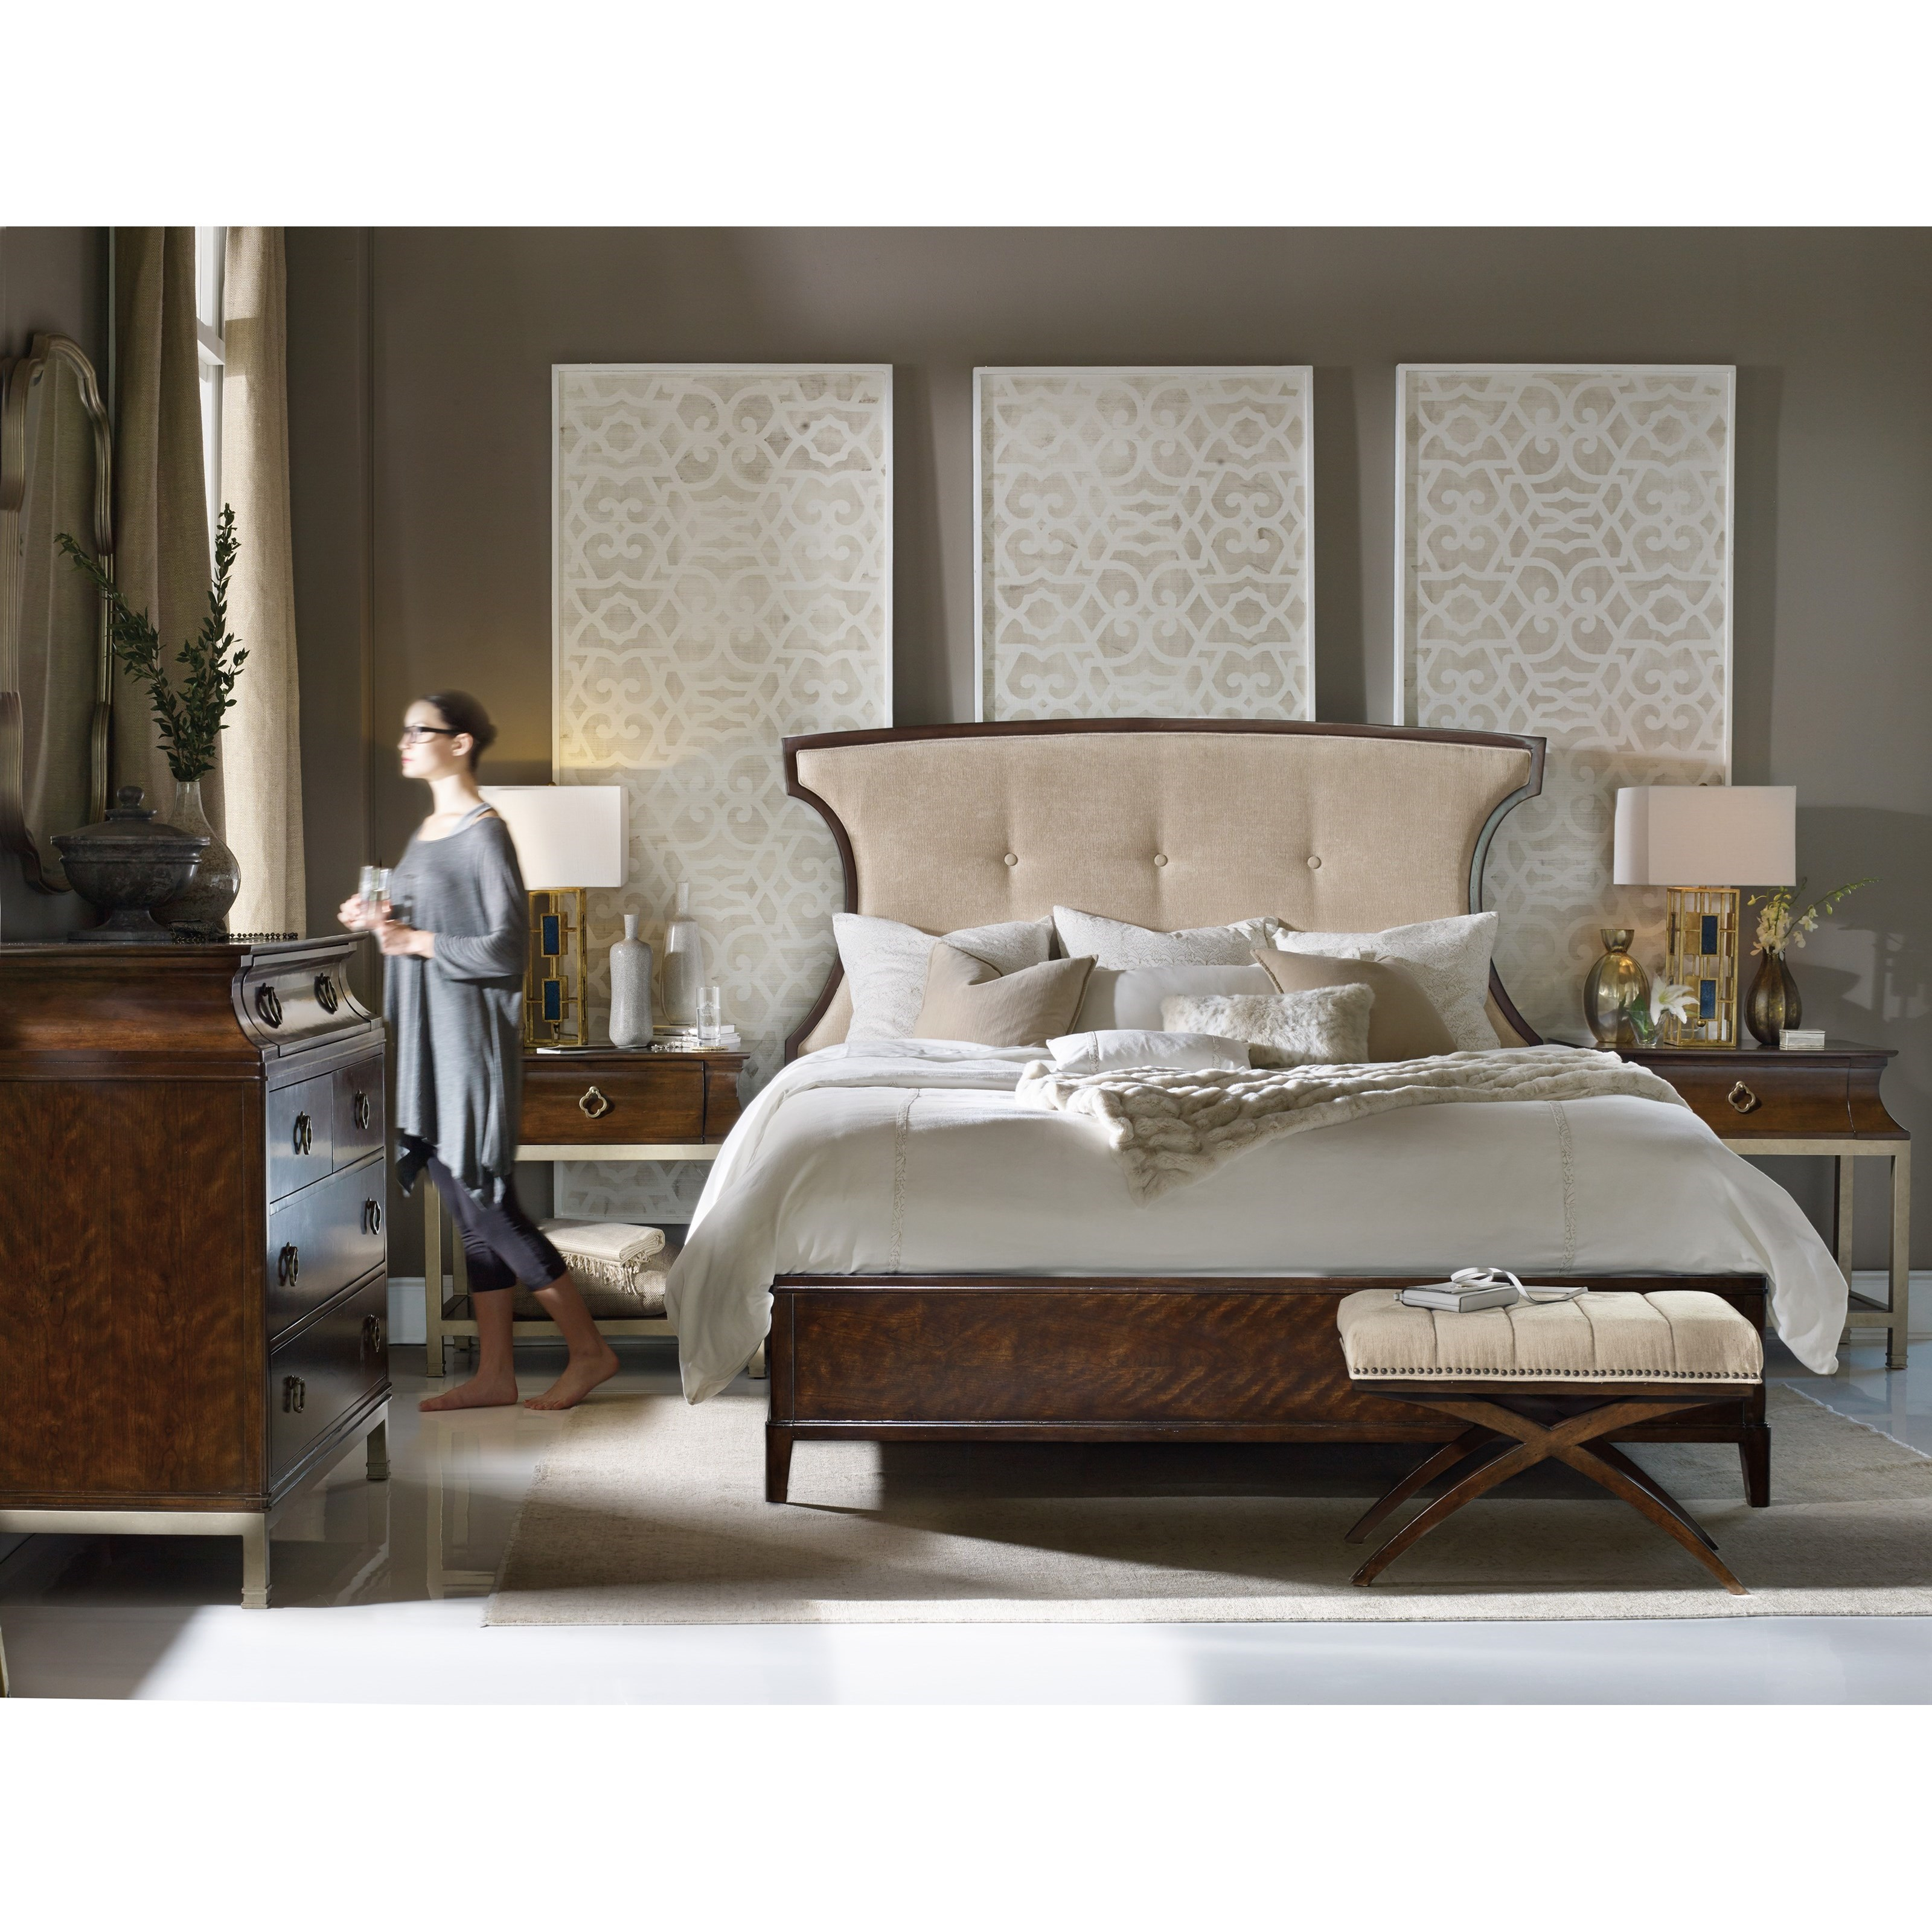 Hooker Furniture Skyline King Bedroom Group   Item Number: 5336 K Bedroom  Group 2